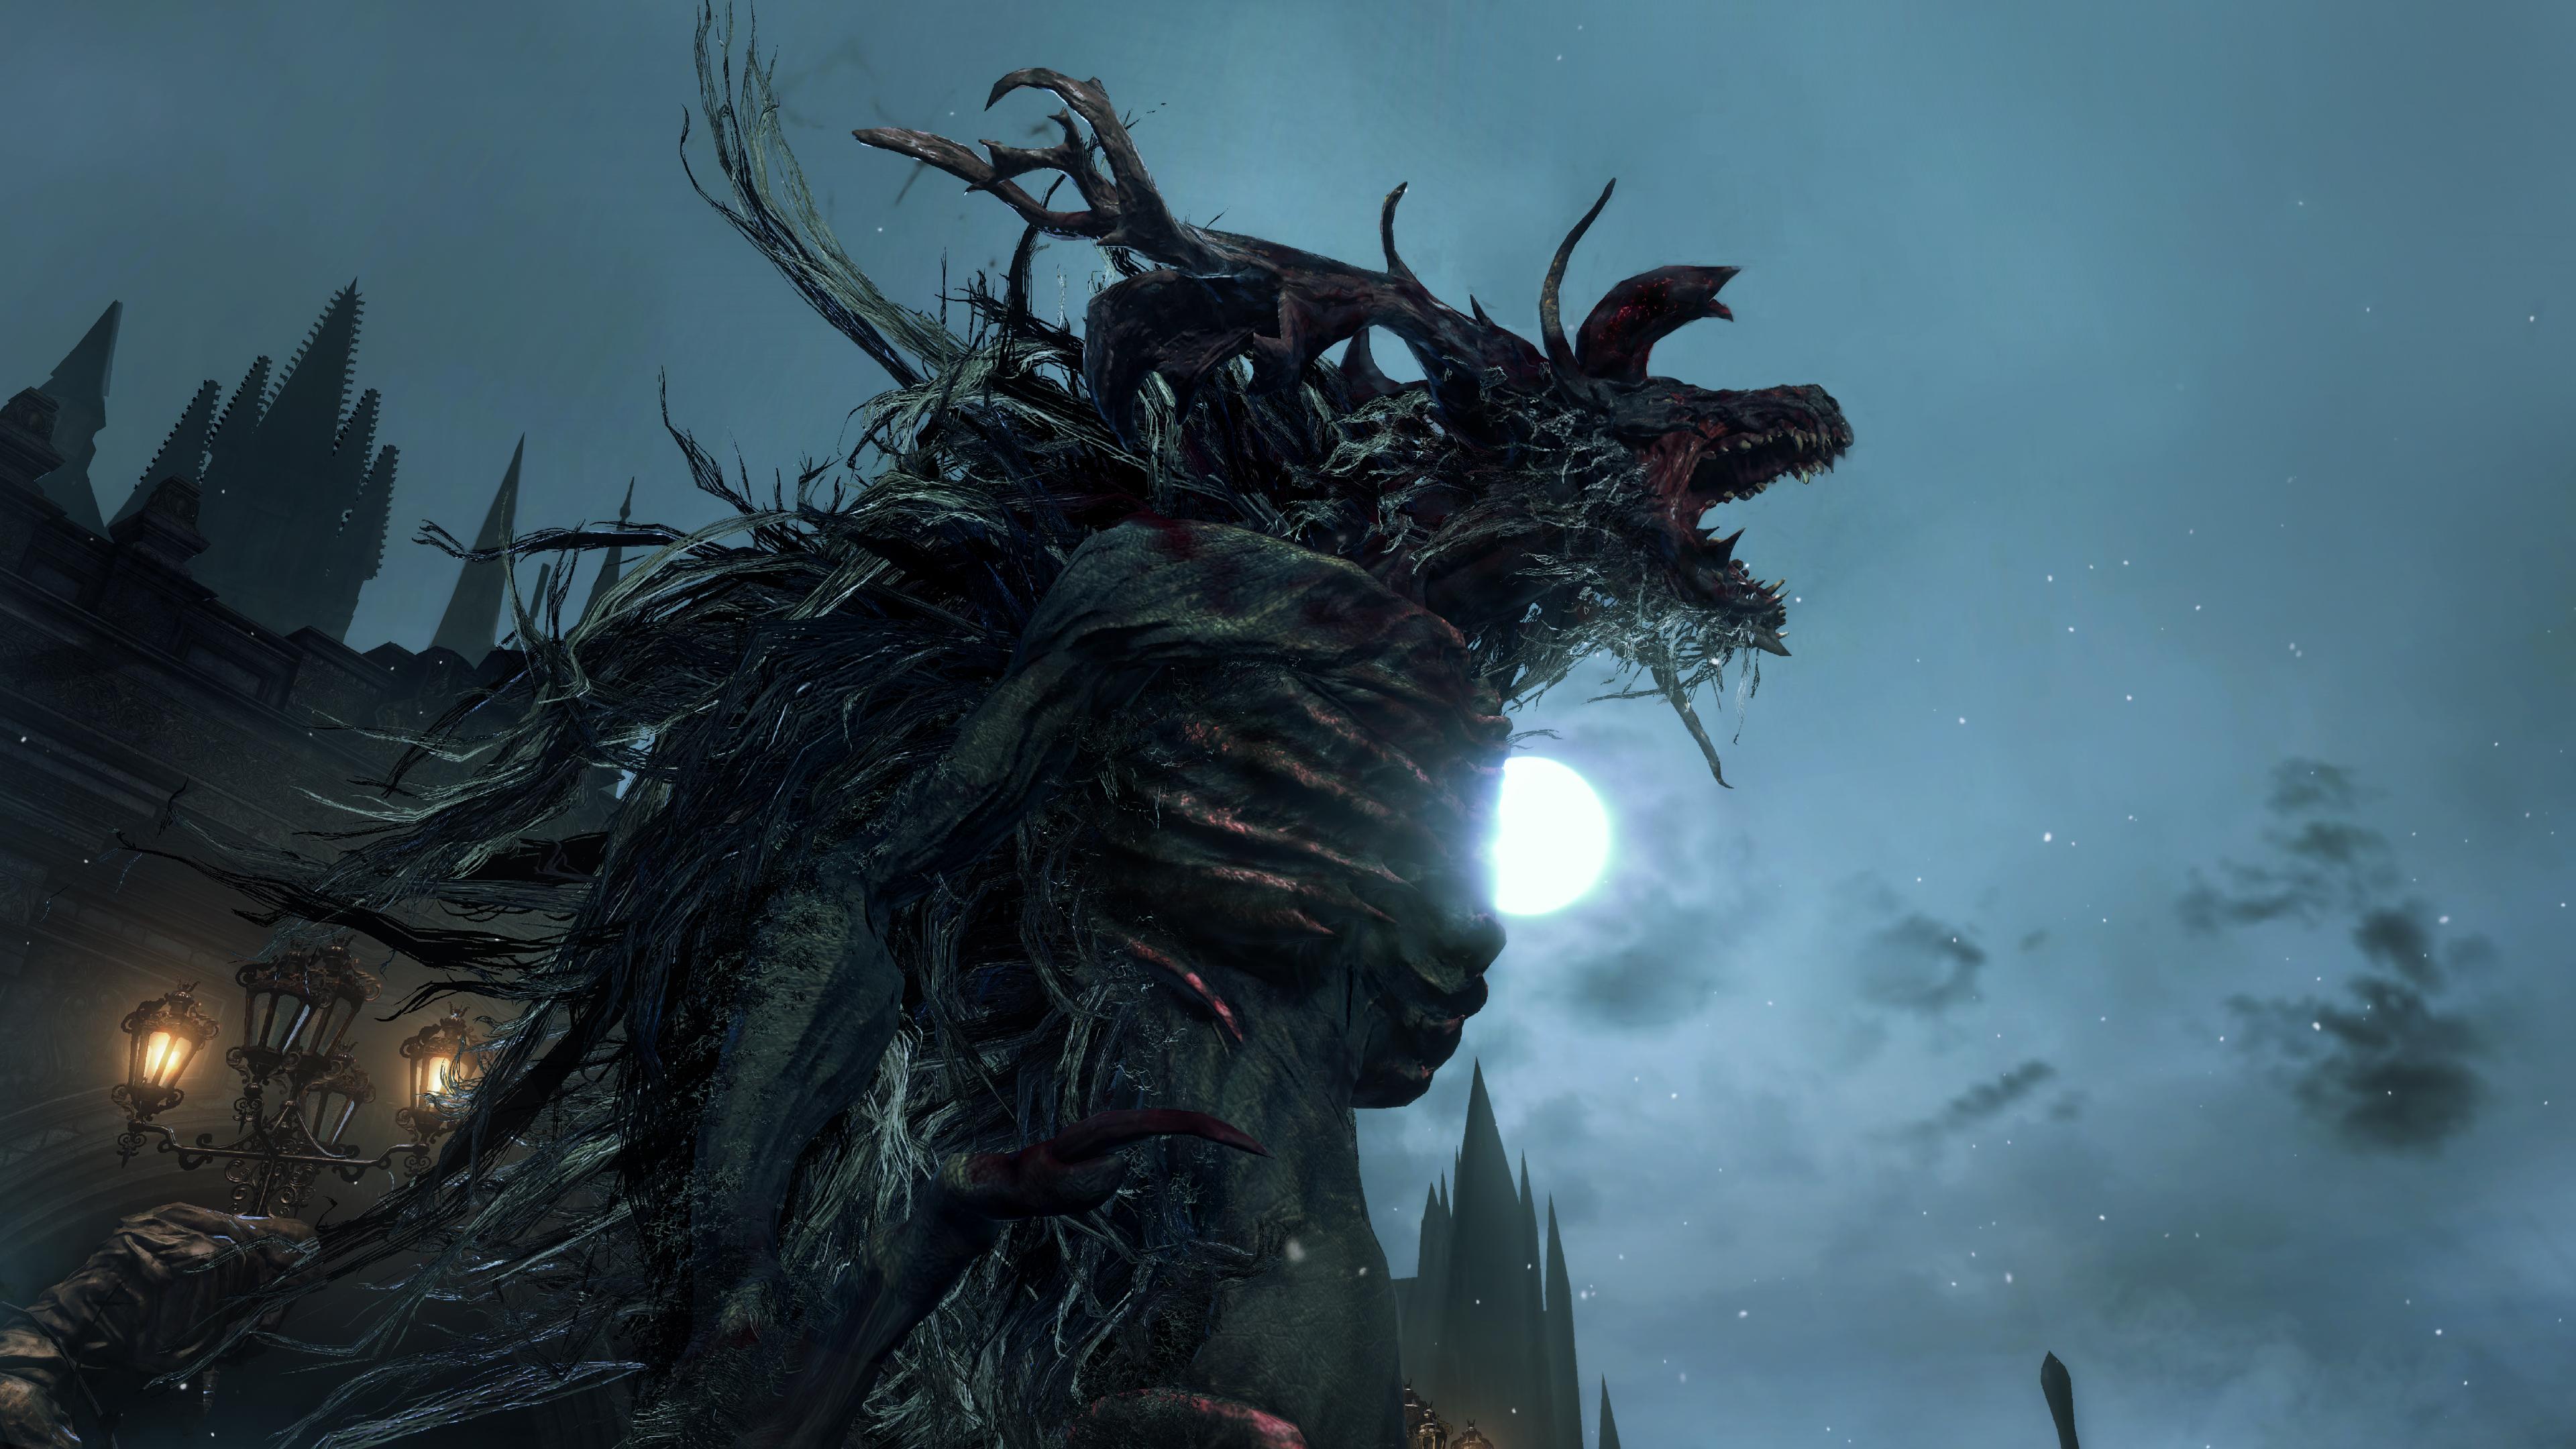 malformed beast_noblood_1407930894